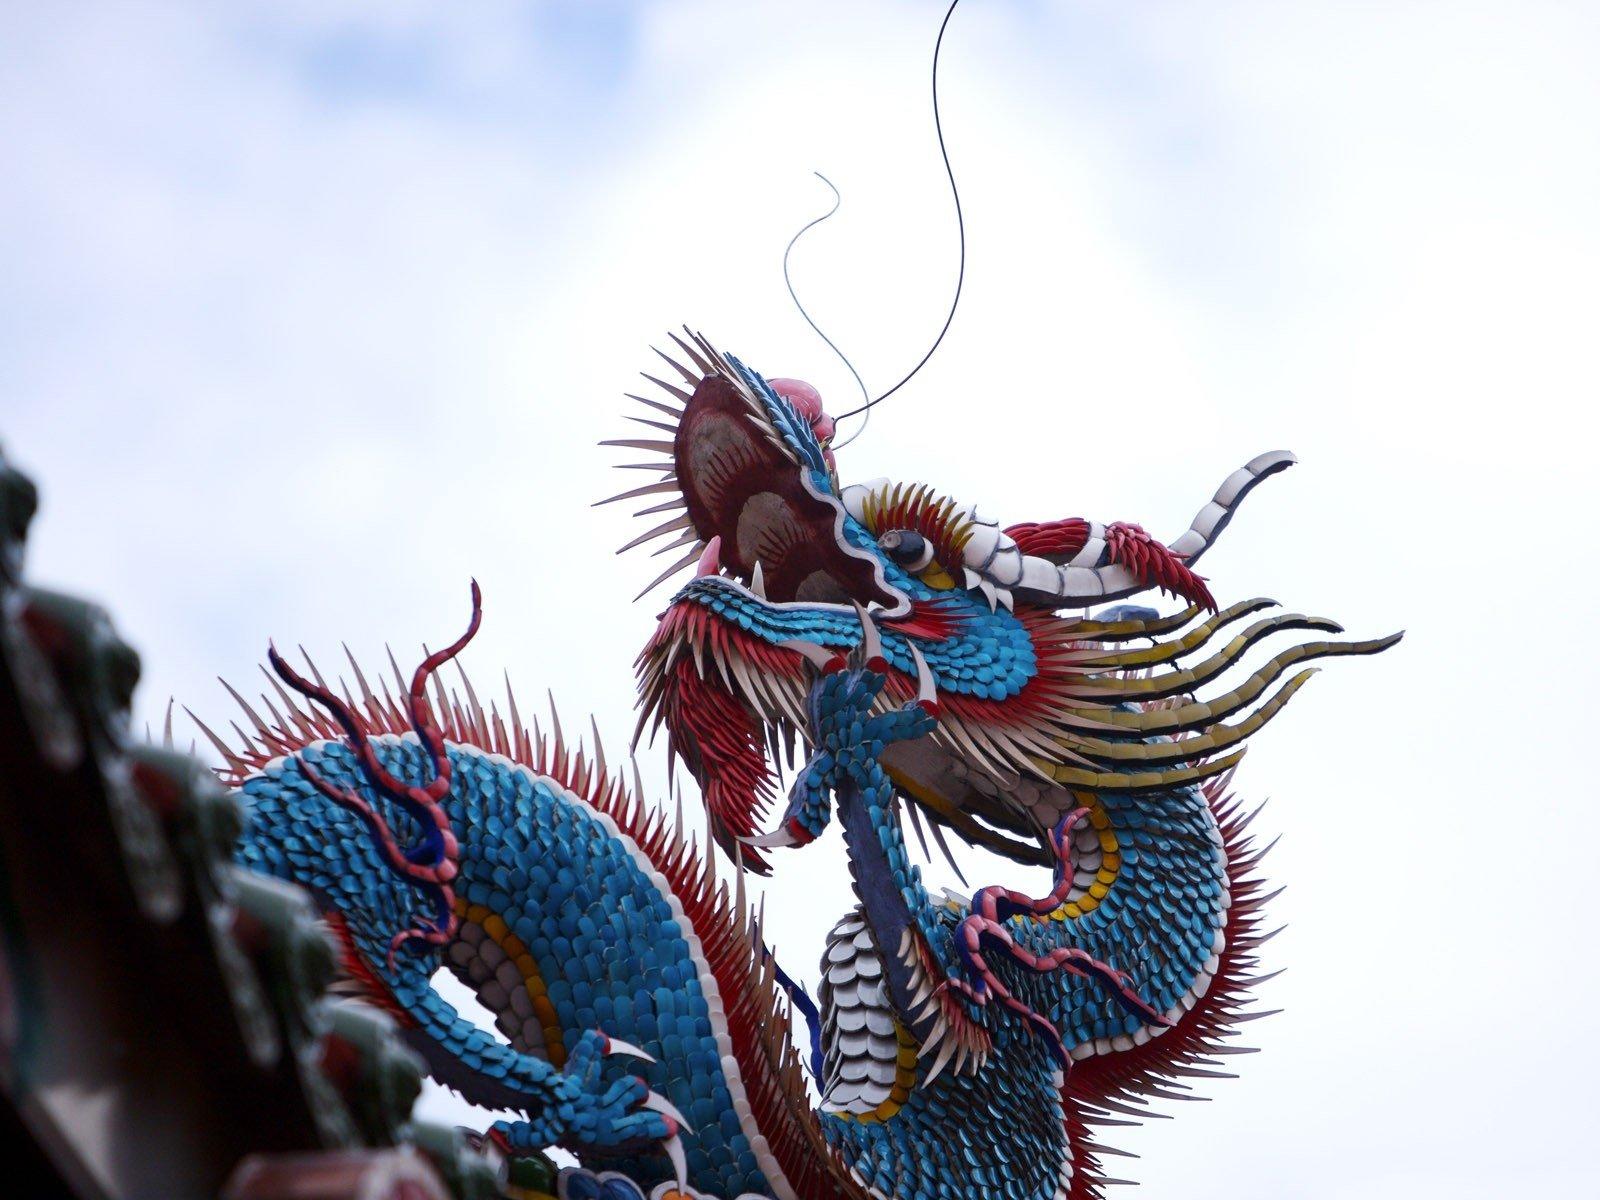 dragon wallpaper 1600x1200 - photo #24